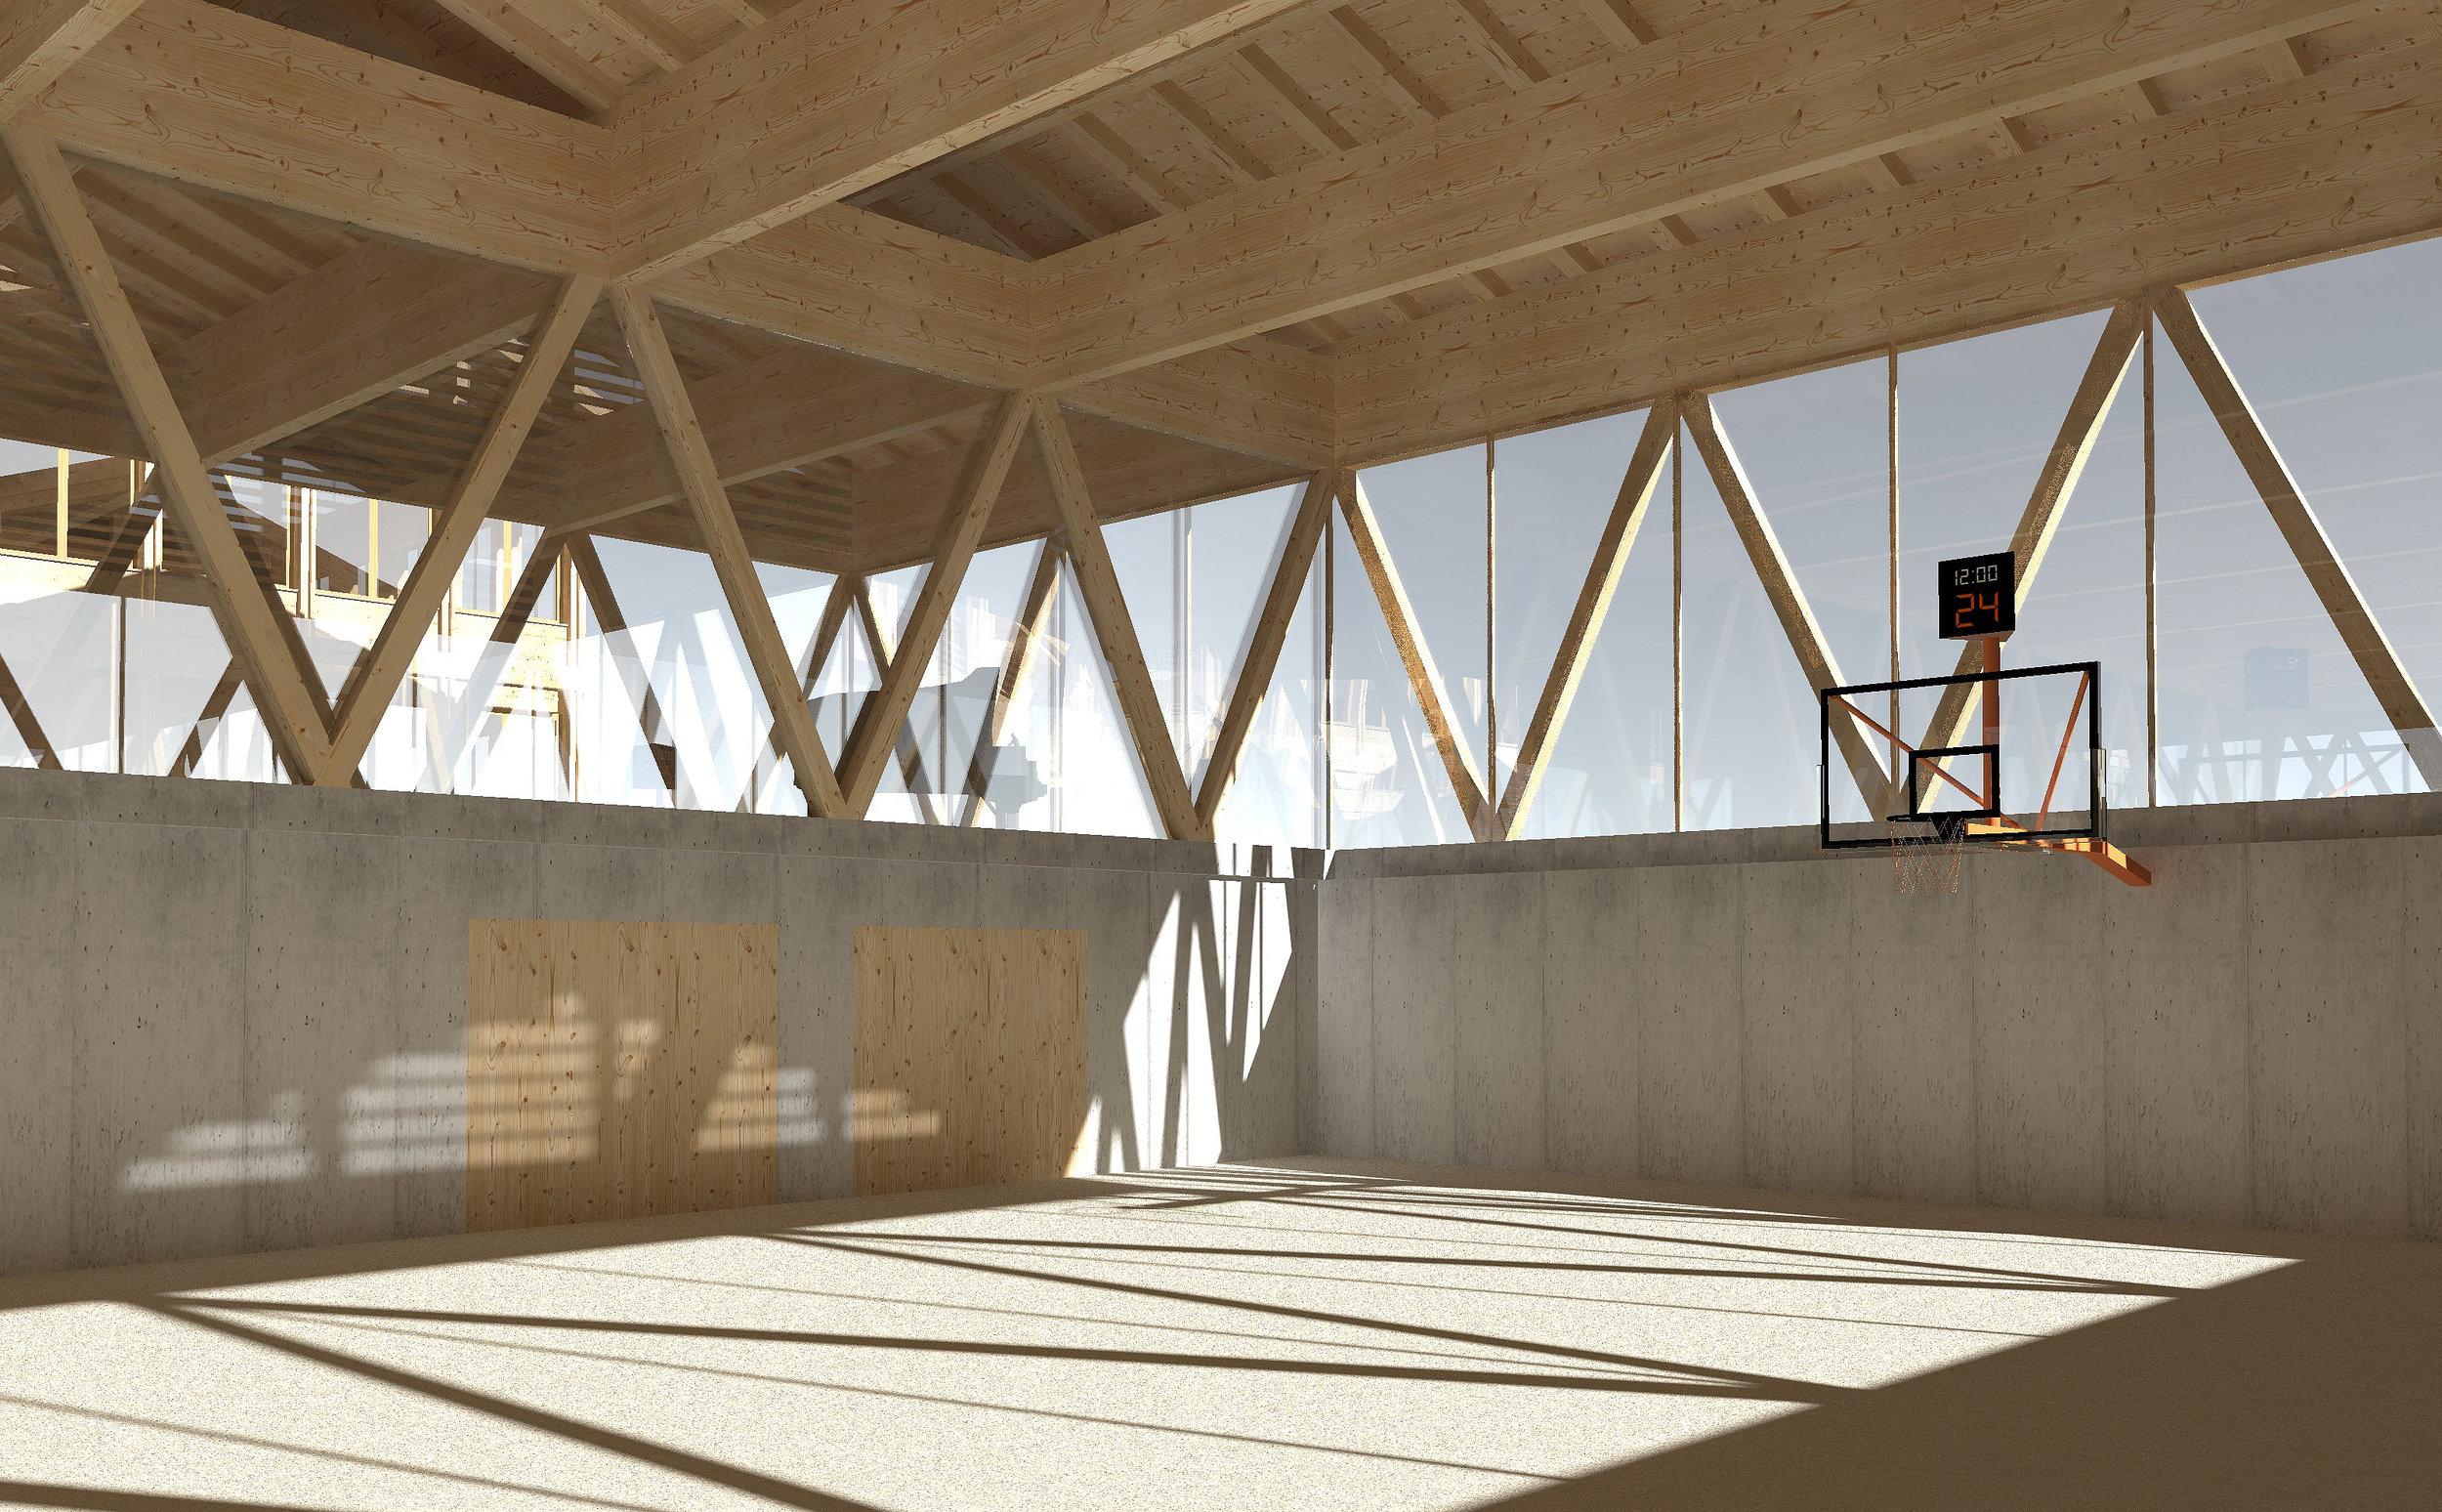 Architektur Wettbewerb_2.jpg